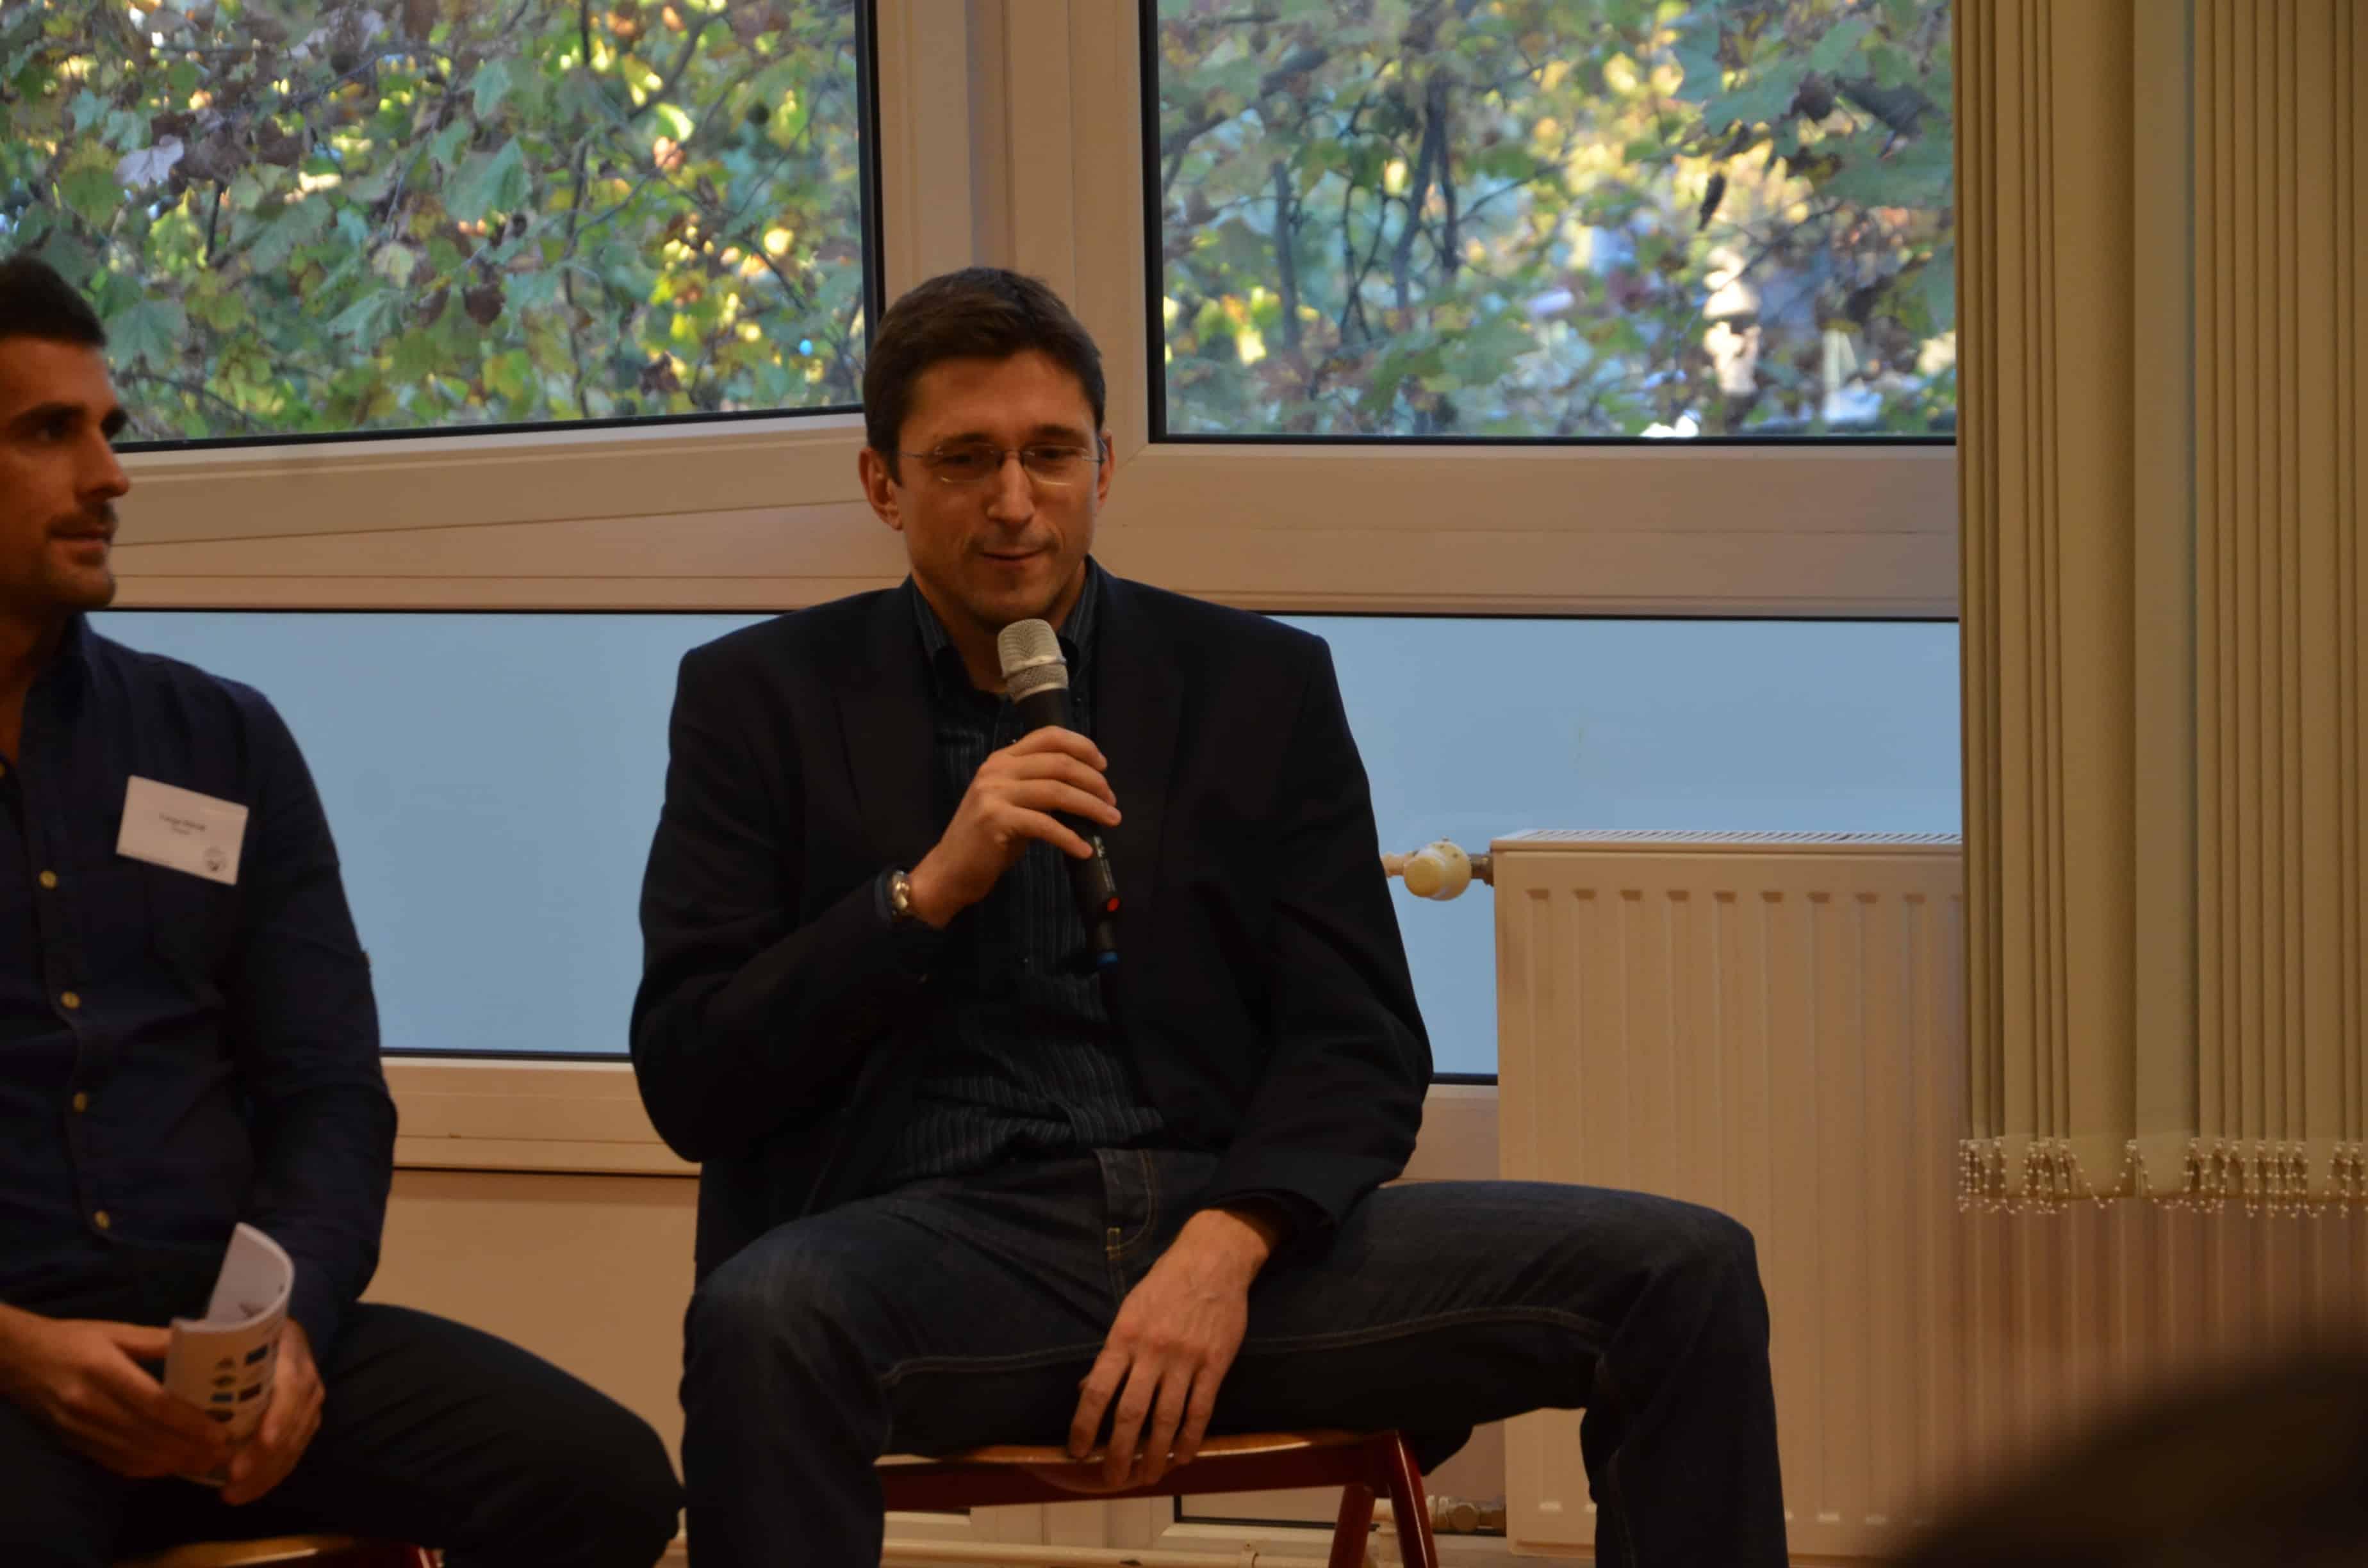 Imre Géza felszabadultan és őszintén beszélt tapasztalatairól a kerekasztal során és utána is. Forrás: Forum Humanum, készítette: Orbán Kata.